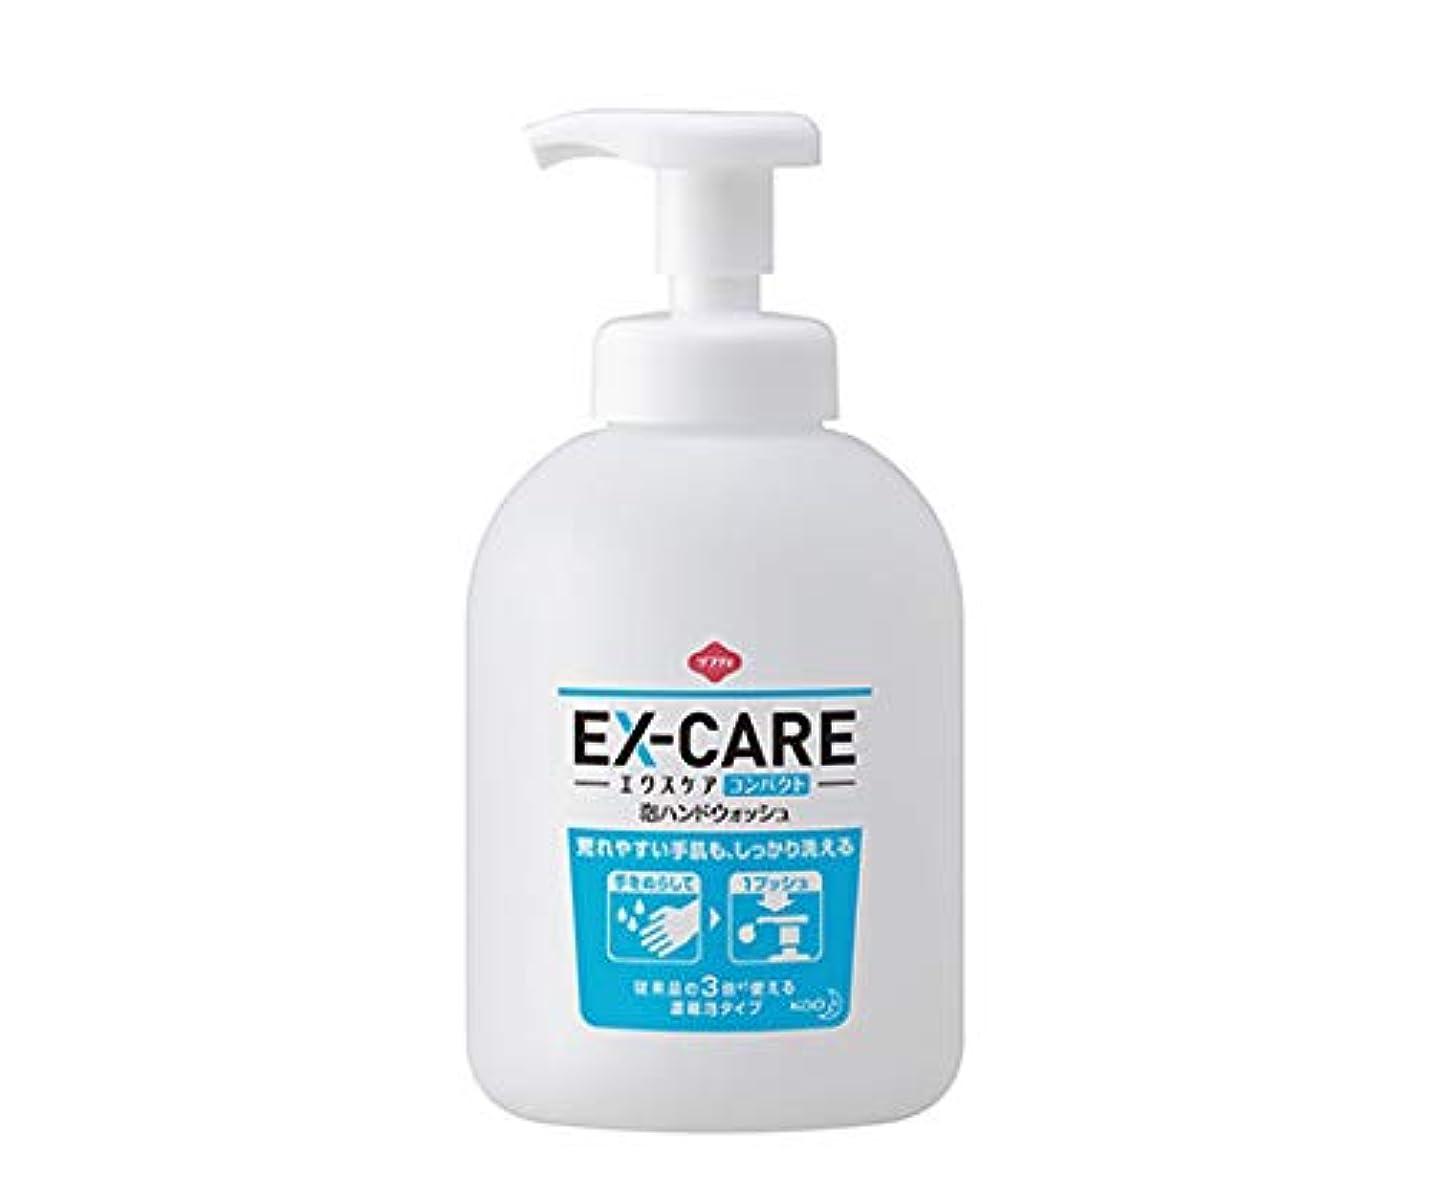 寄付するつづりパース花王 ソフティ EX‐CARE(エクスケア) コンパクト泡ハンドウォッシュ 500mL×6本